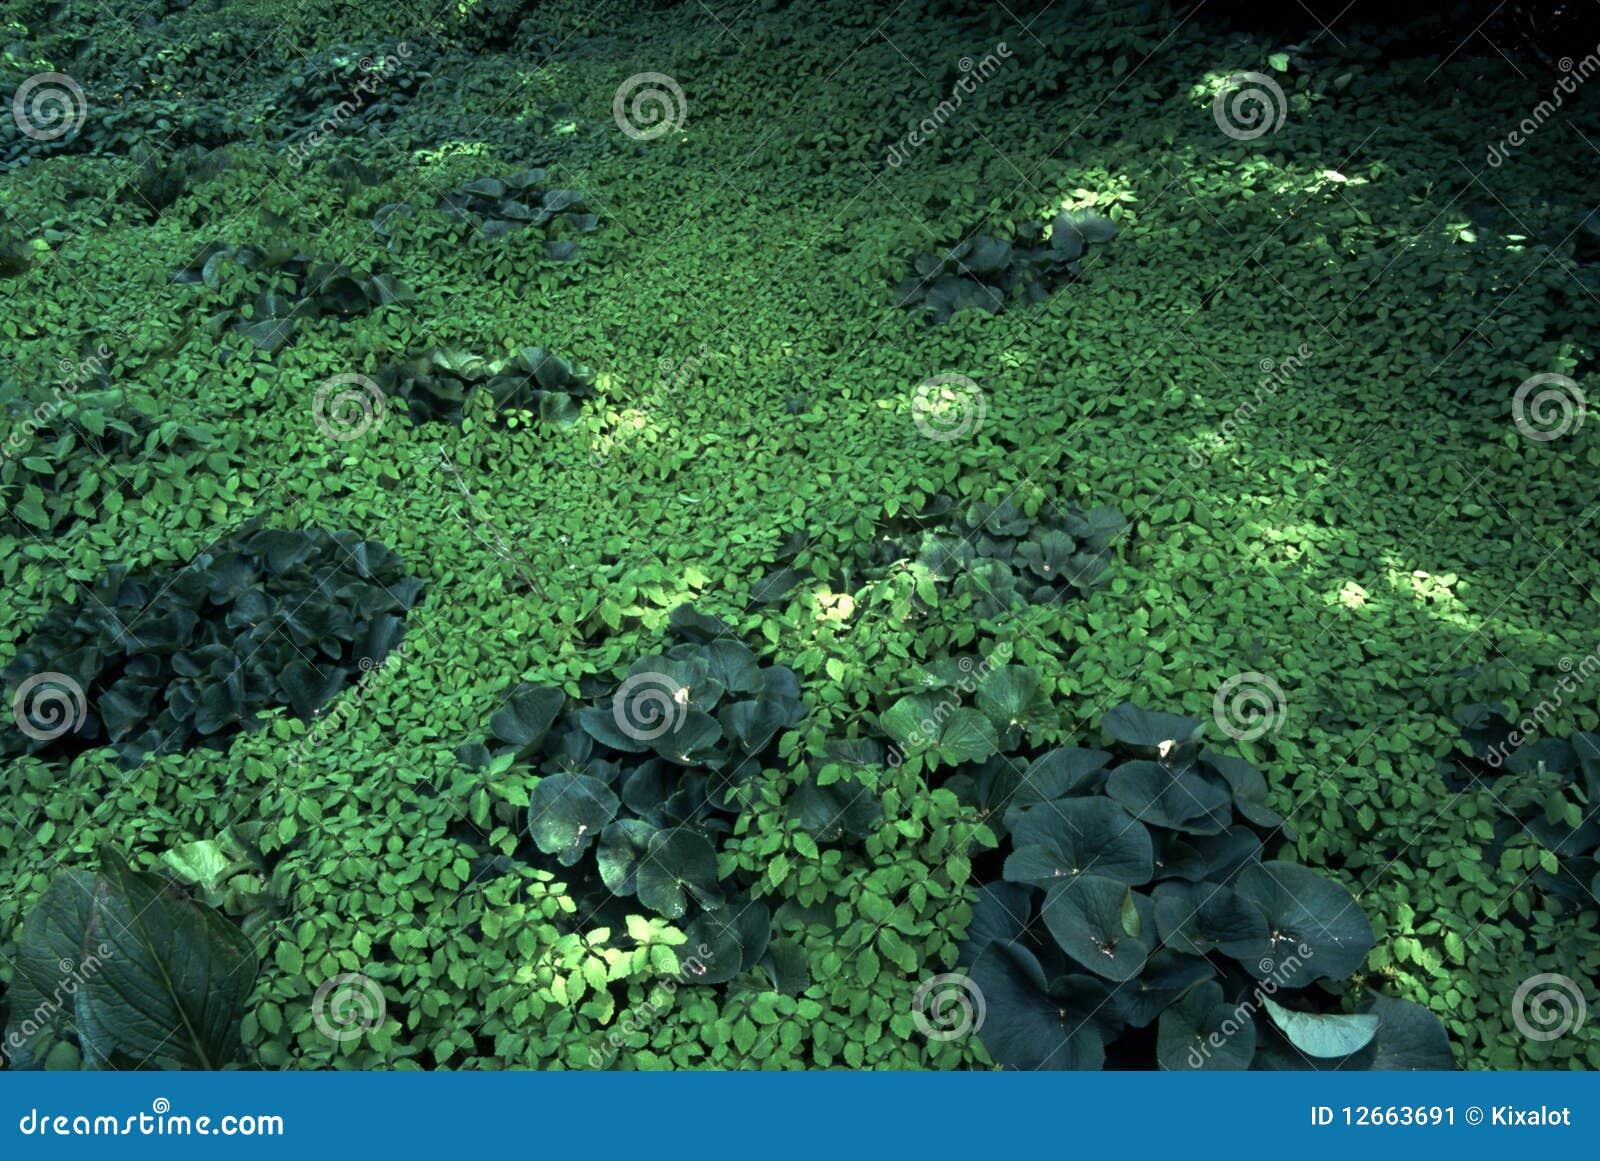 Moquette verde delle piante di galleggiamento dello stagno for Piante dello stagno